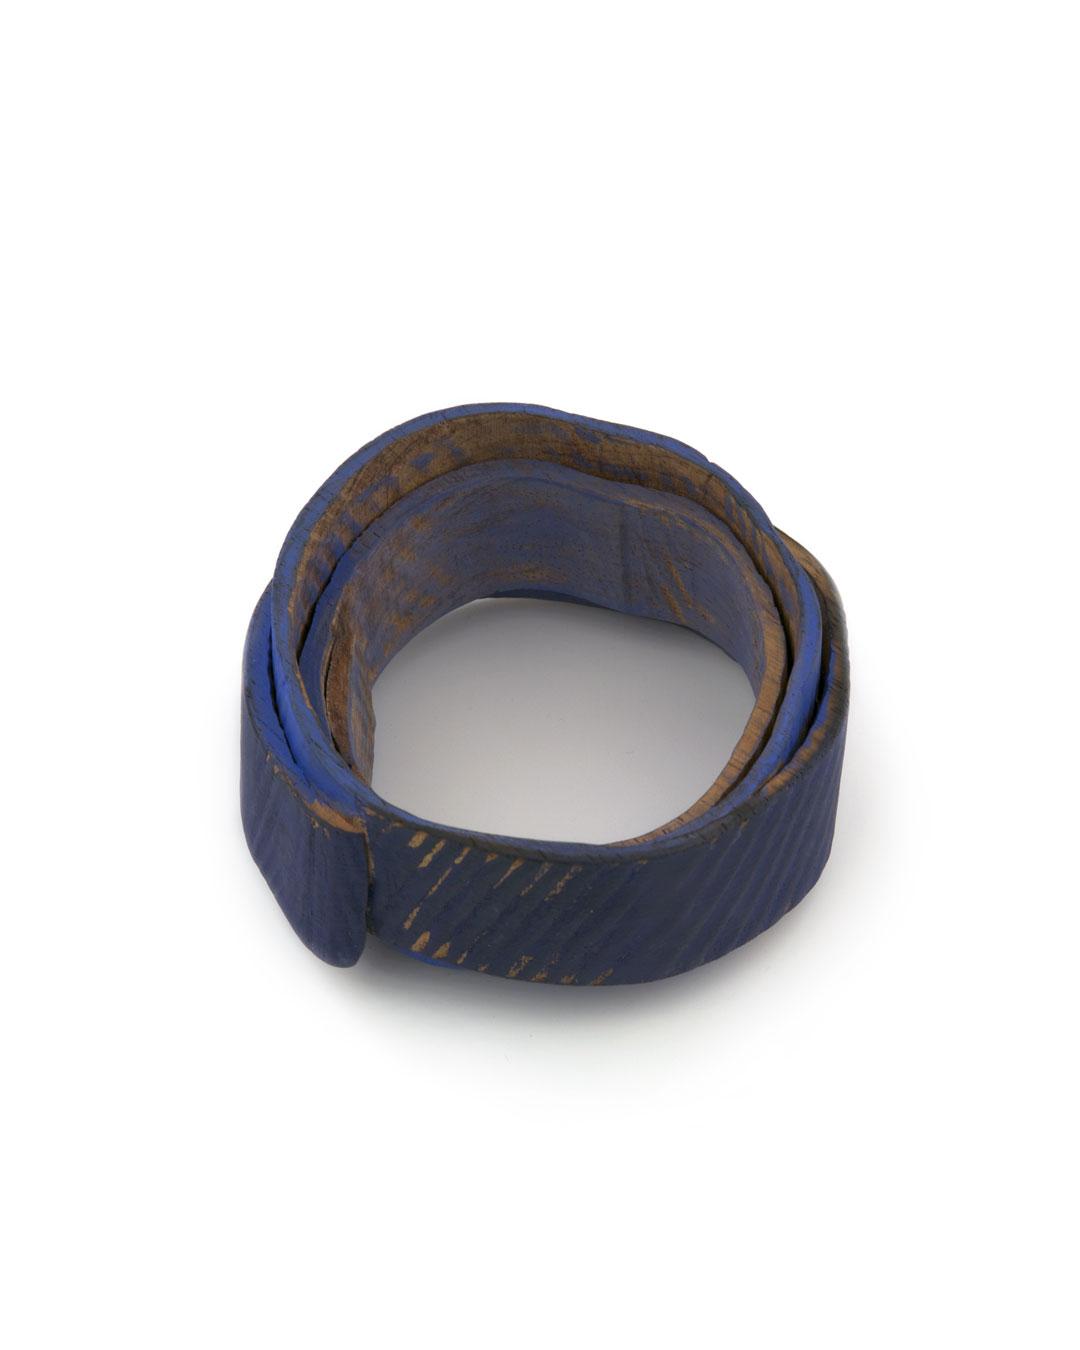 Flóra Vági, Double Blue, 2011, bracelet; padouk, acrylic paint, steel, 95 x 50 mm, €920